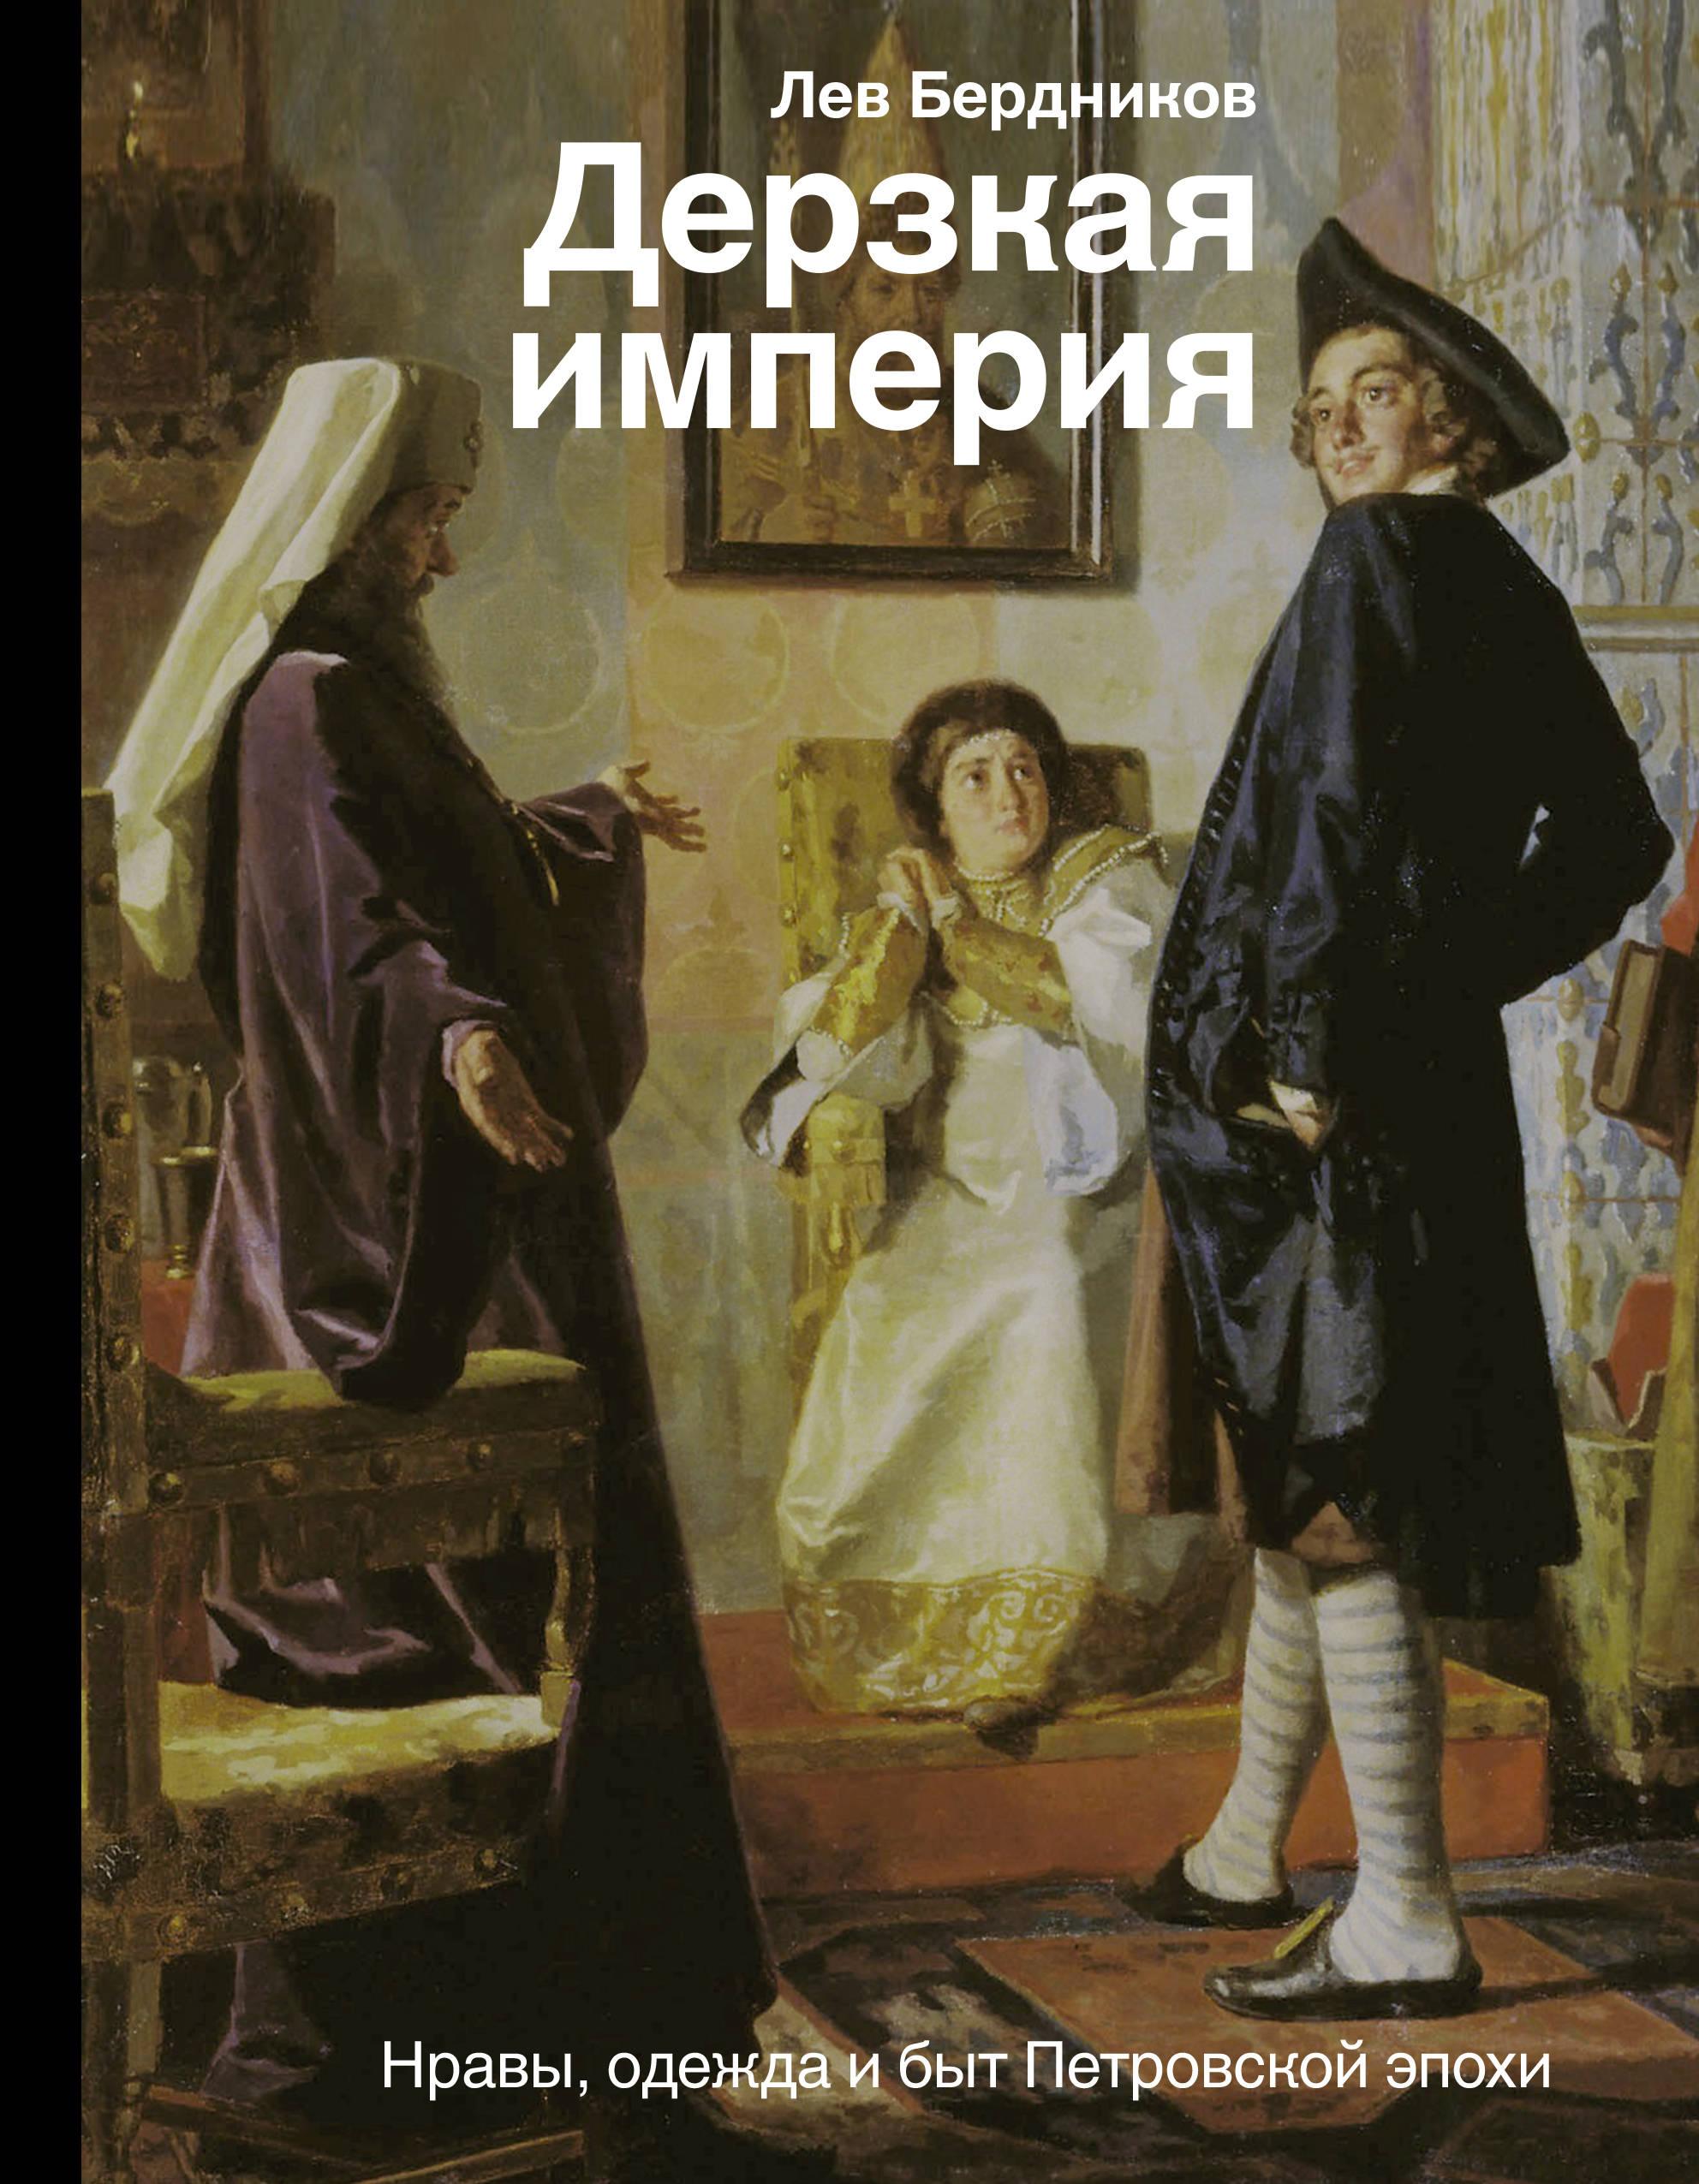 Л. И. Бердников Дерзкая империя. Нравы, одежда и быт Петровской эпохи